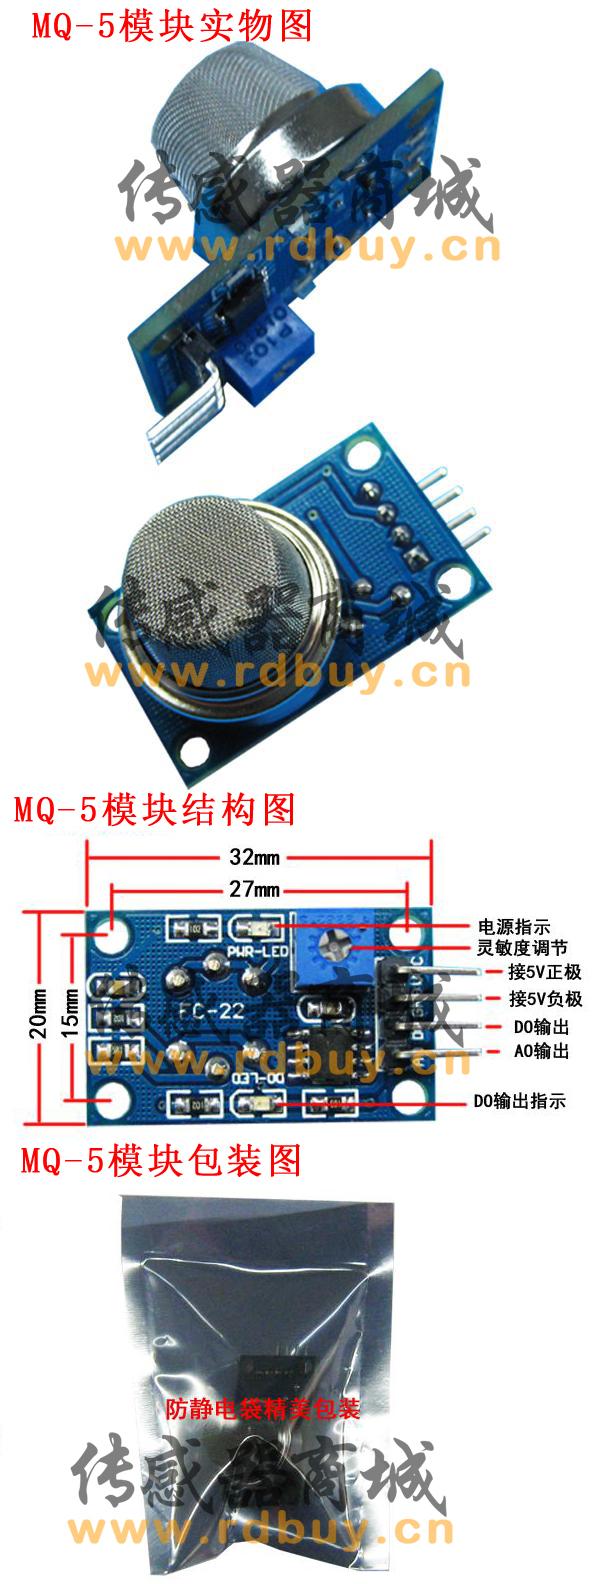 特价供应 MQ-5模块 天然气 液化气 煤气 甲烷烟雾传感器